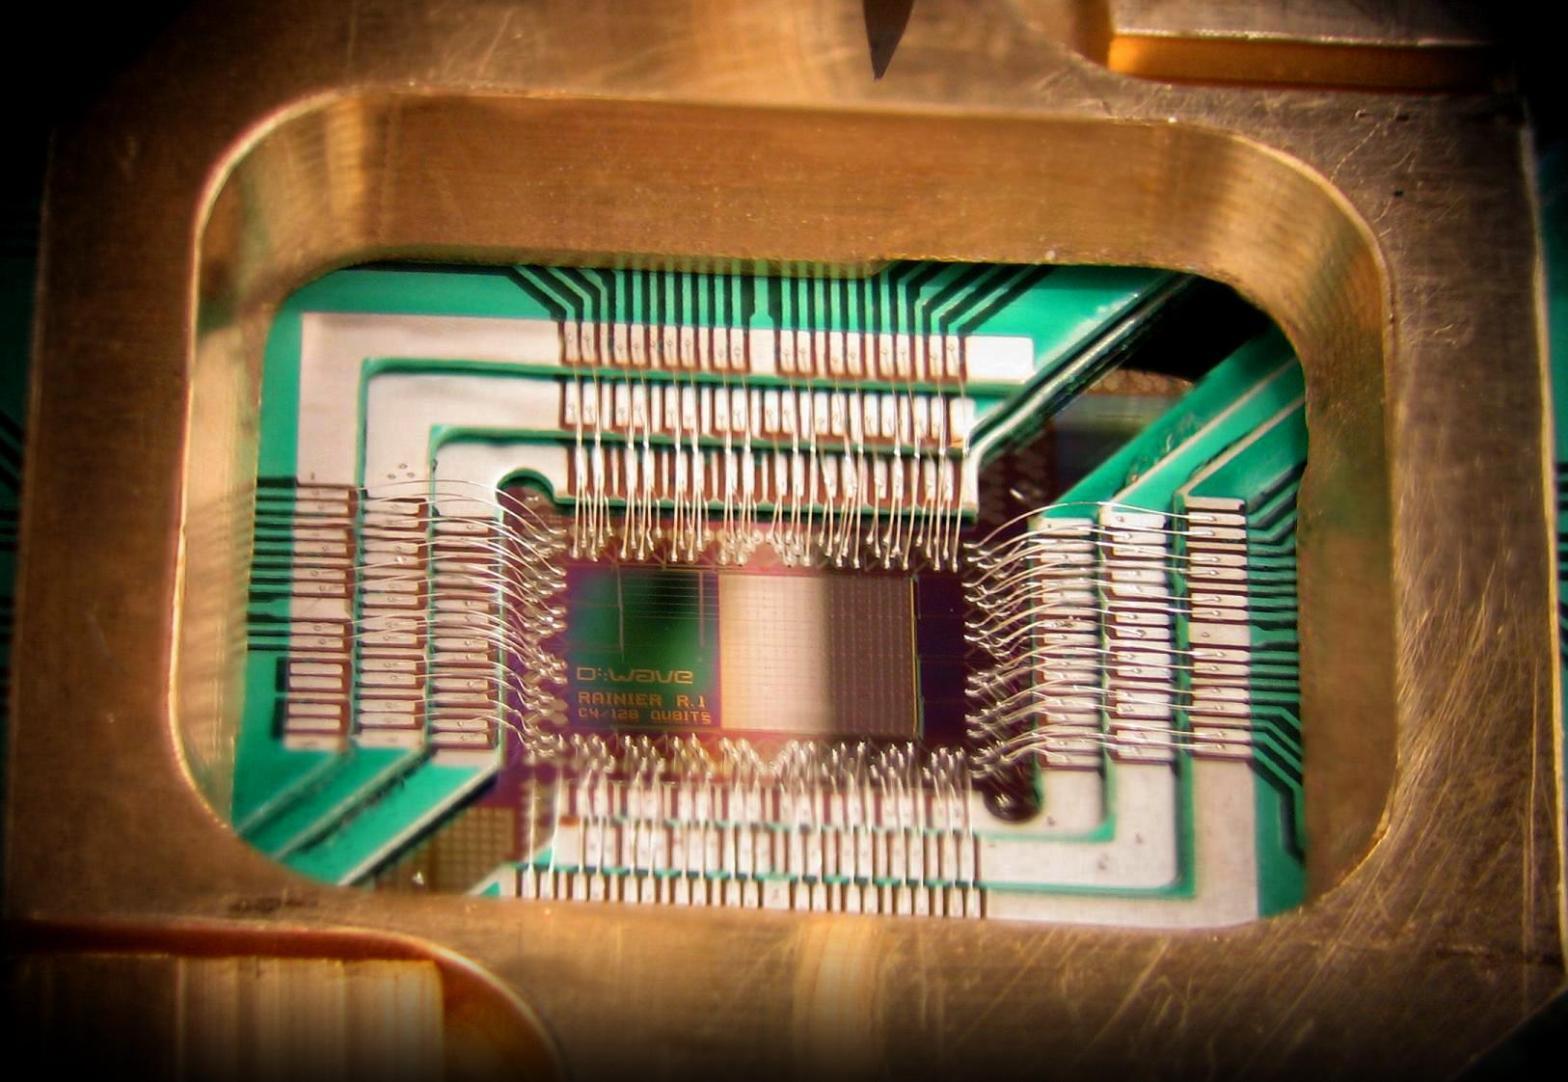 DWave 128 chip